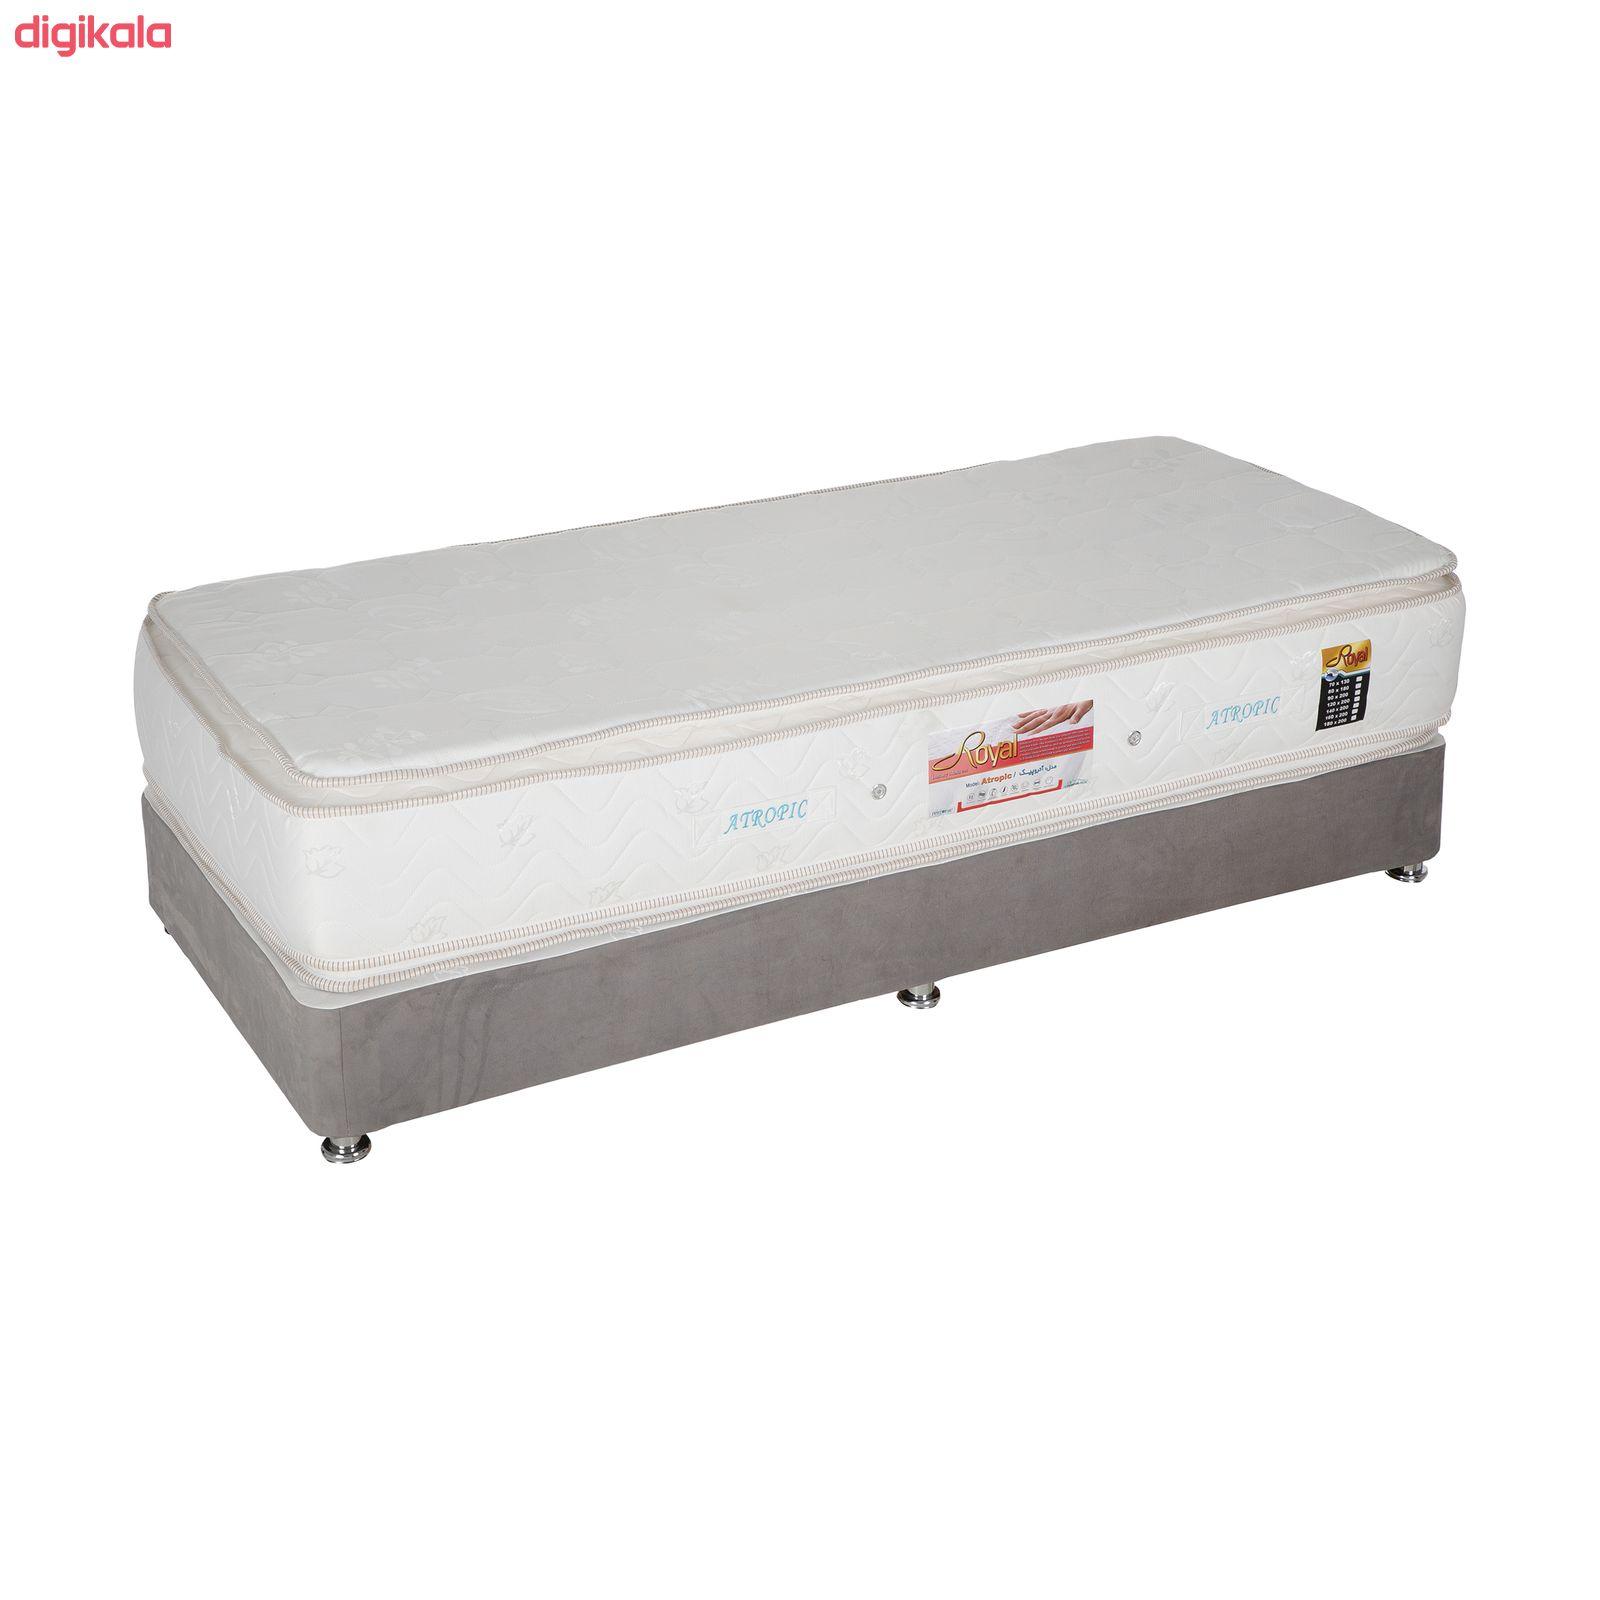 تخت خواب یک نفره مدل DMB124 سایز 200 × 90 سانتی متر main 1 3